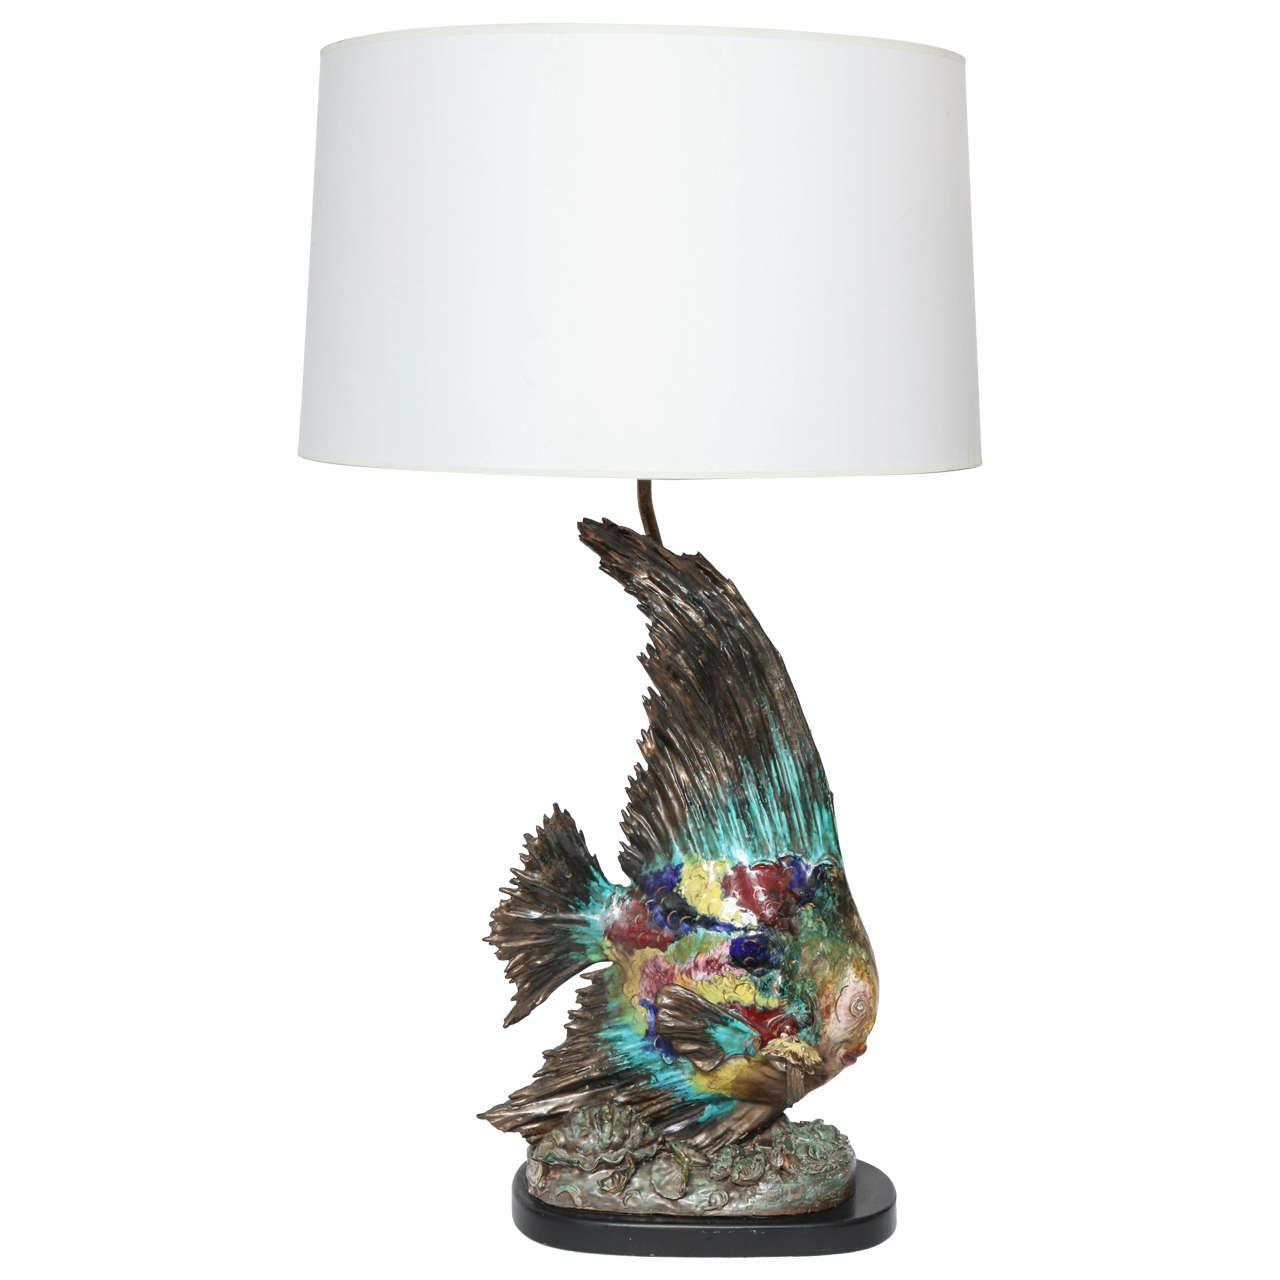 Italian Sculptural Ceramic Table Lamp